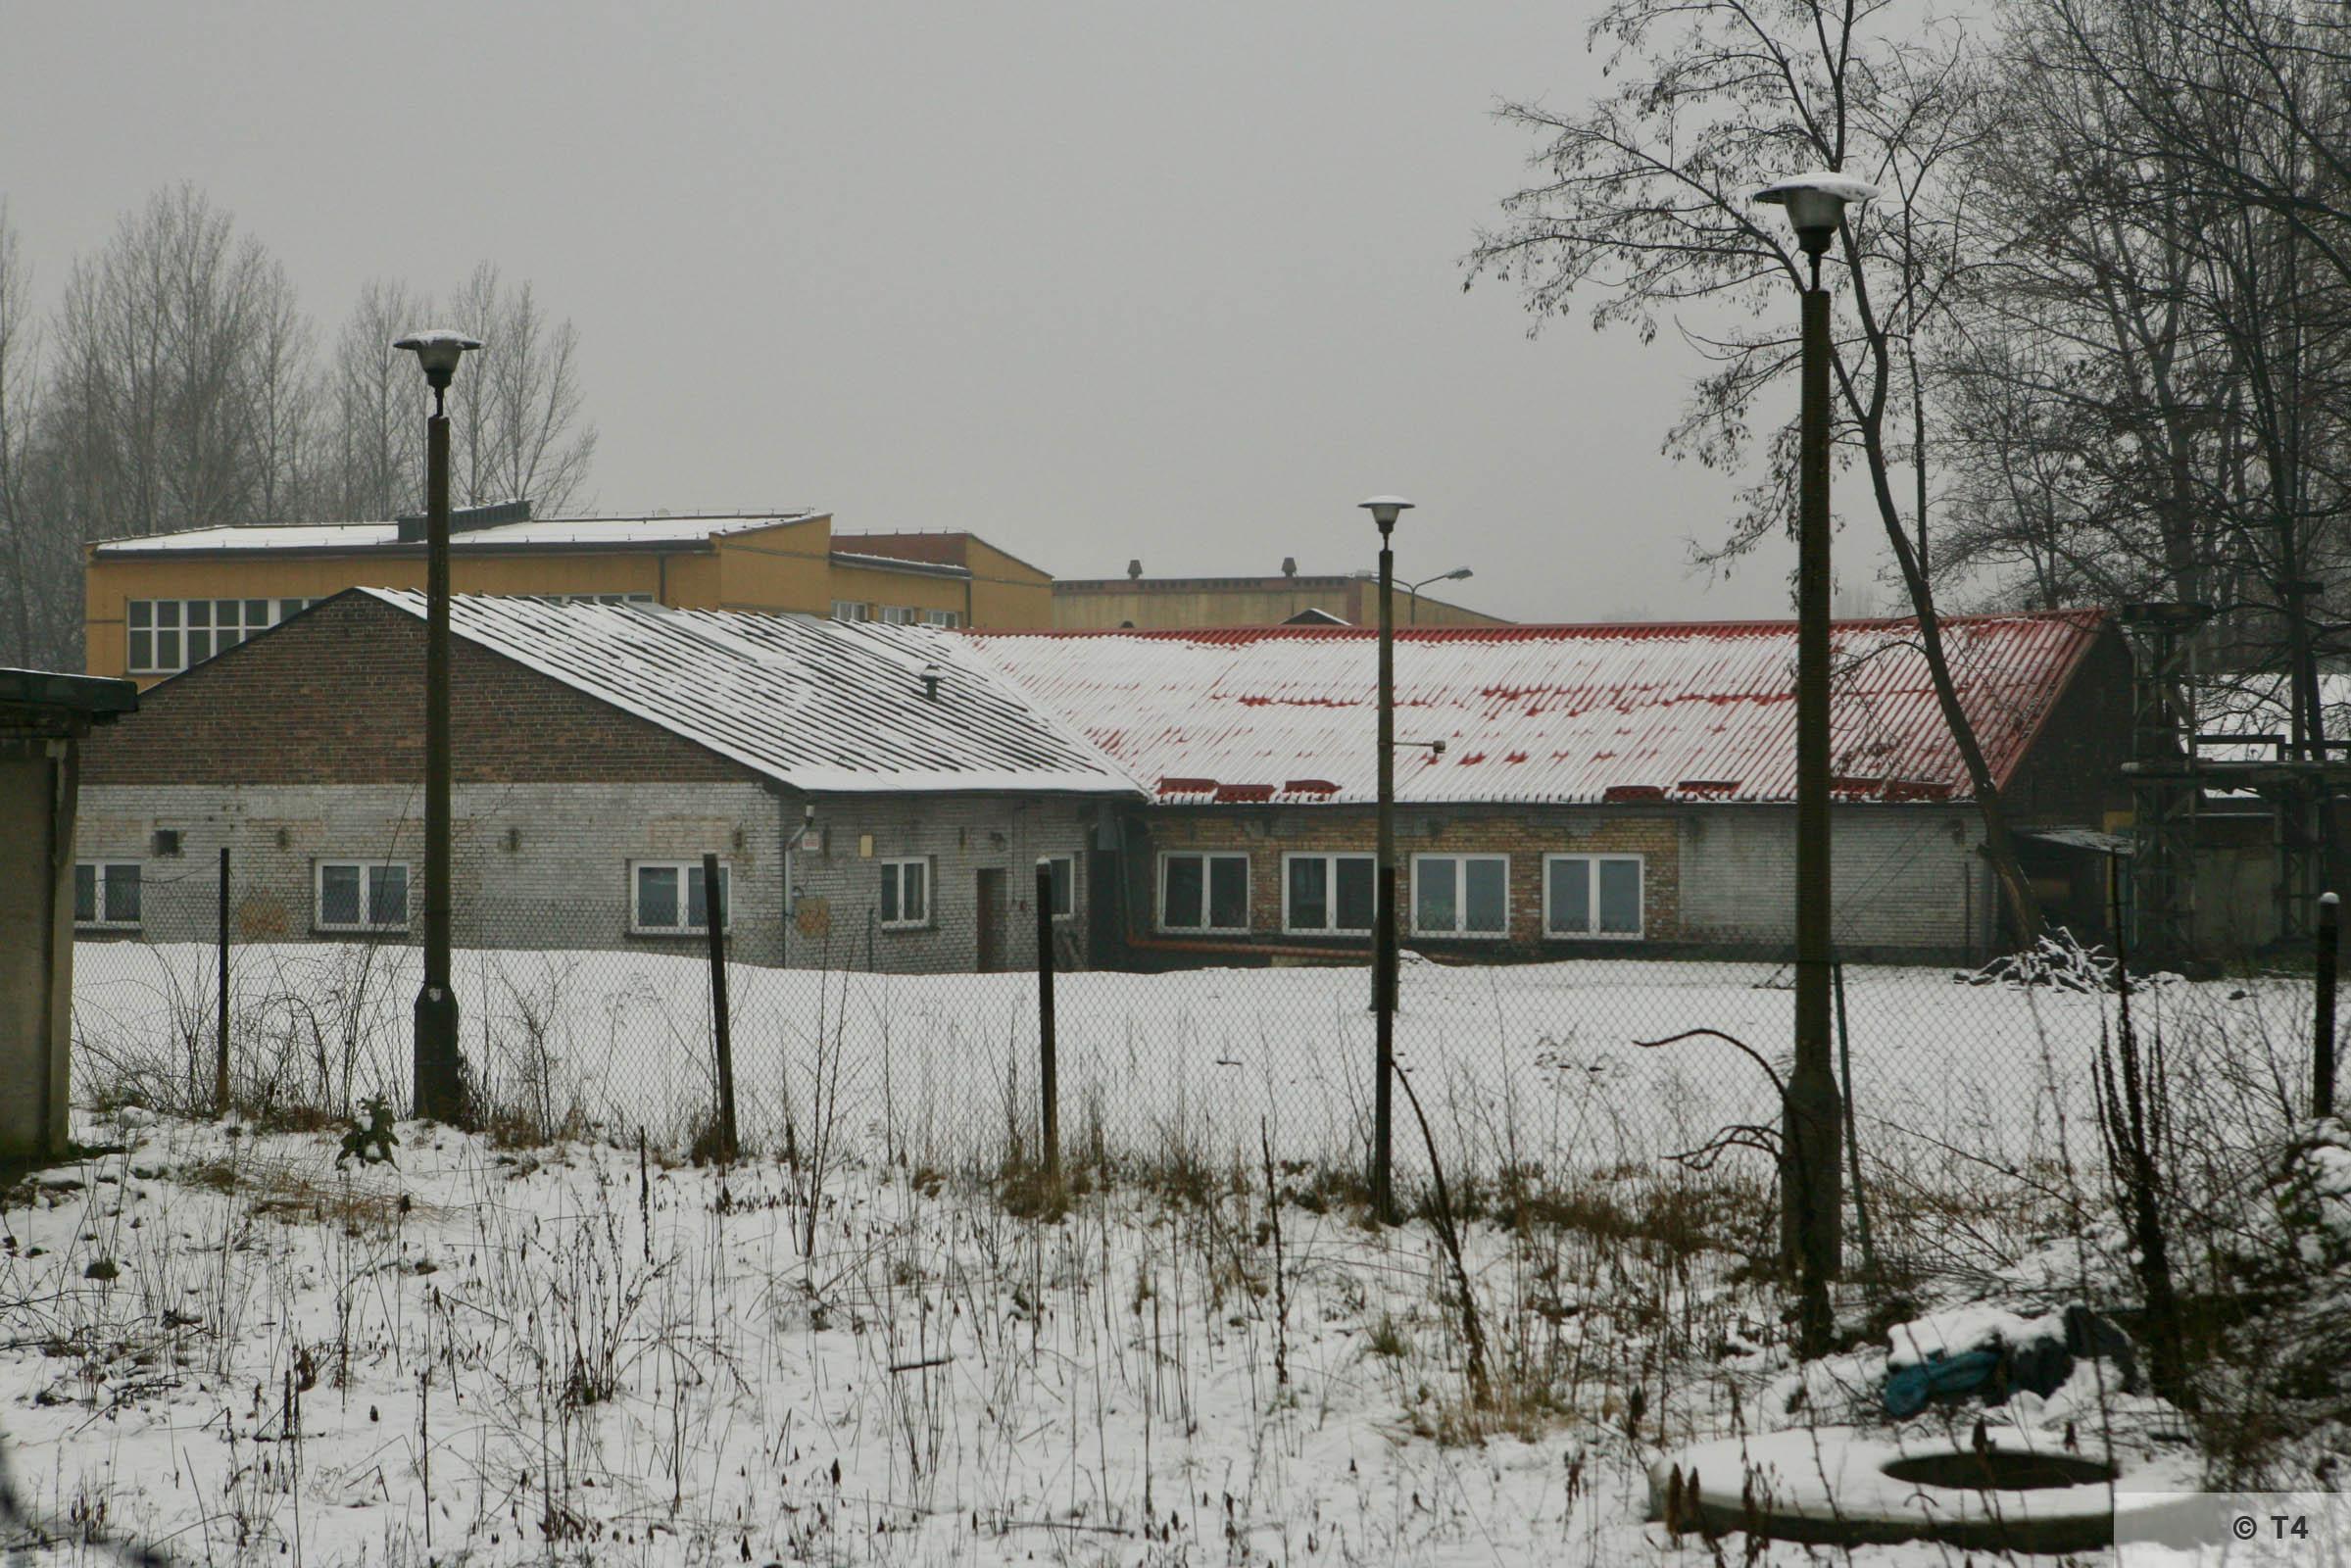 Zgoda steel plant. 2007 T4 5605